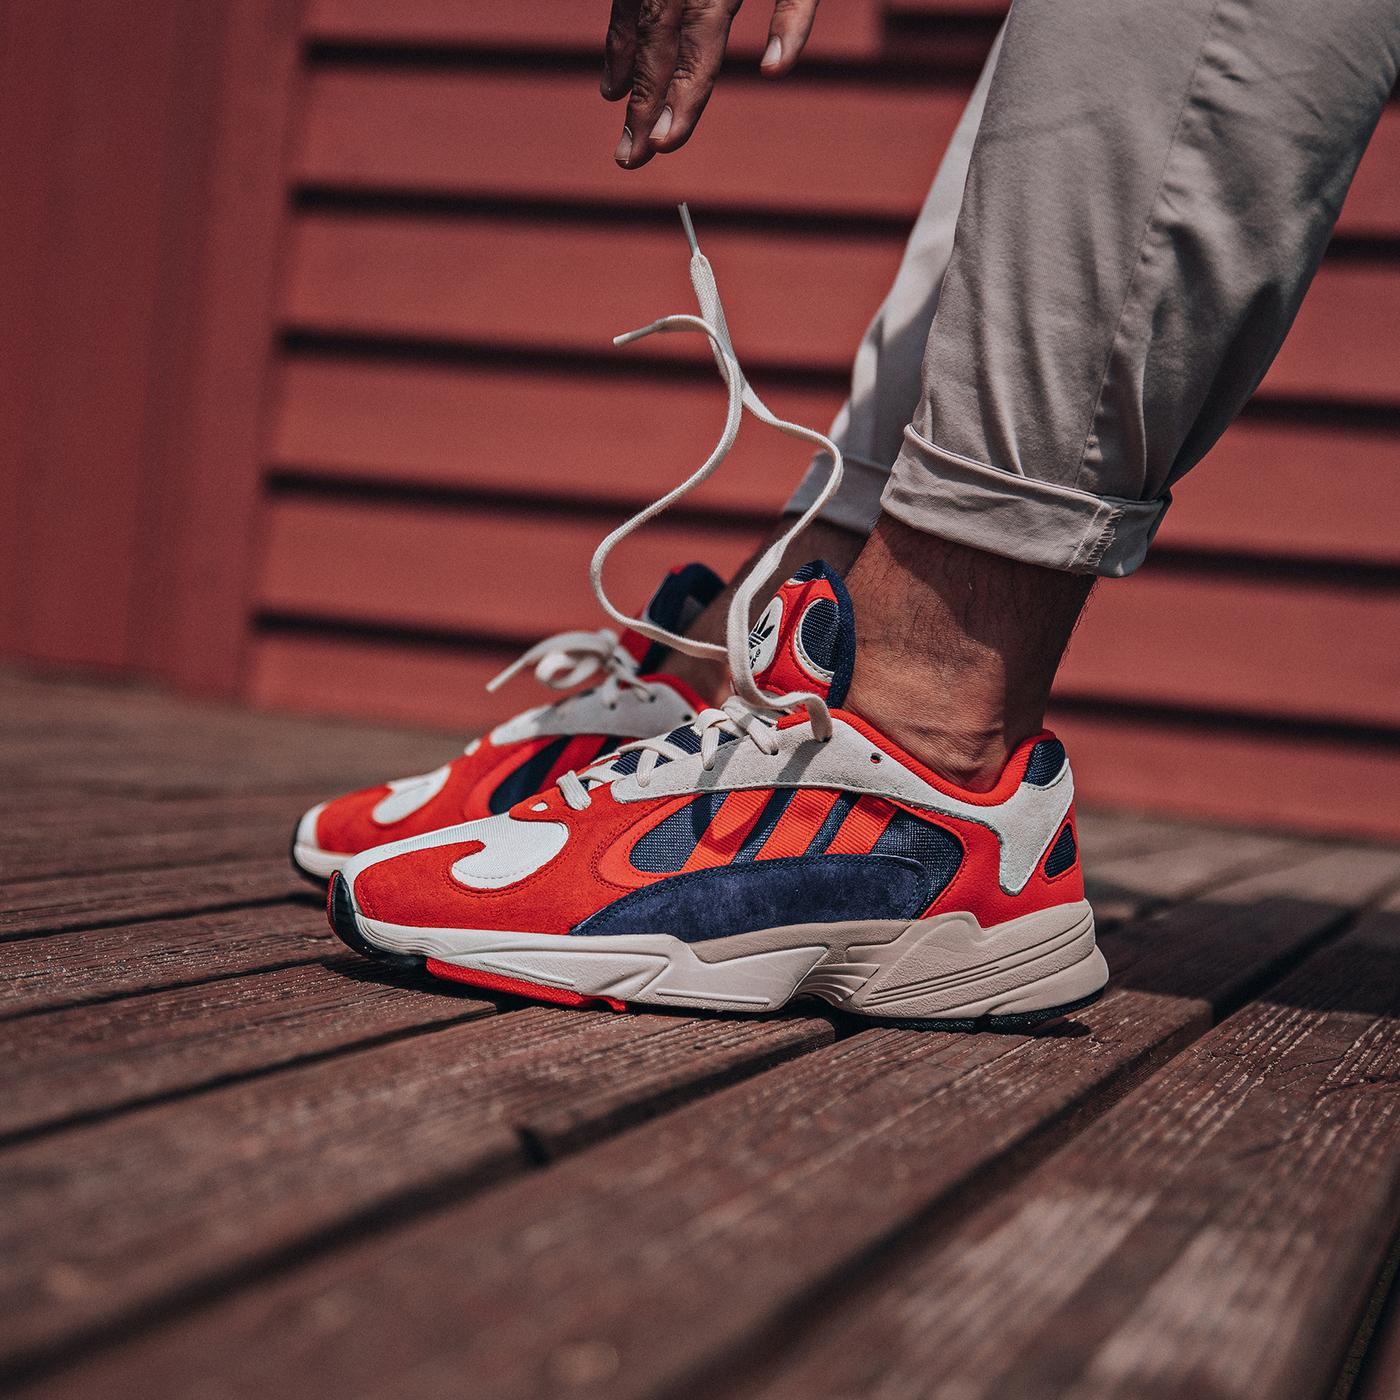 adidas yung 1 on foot